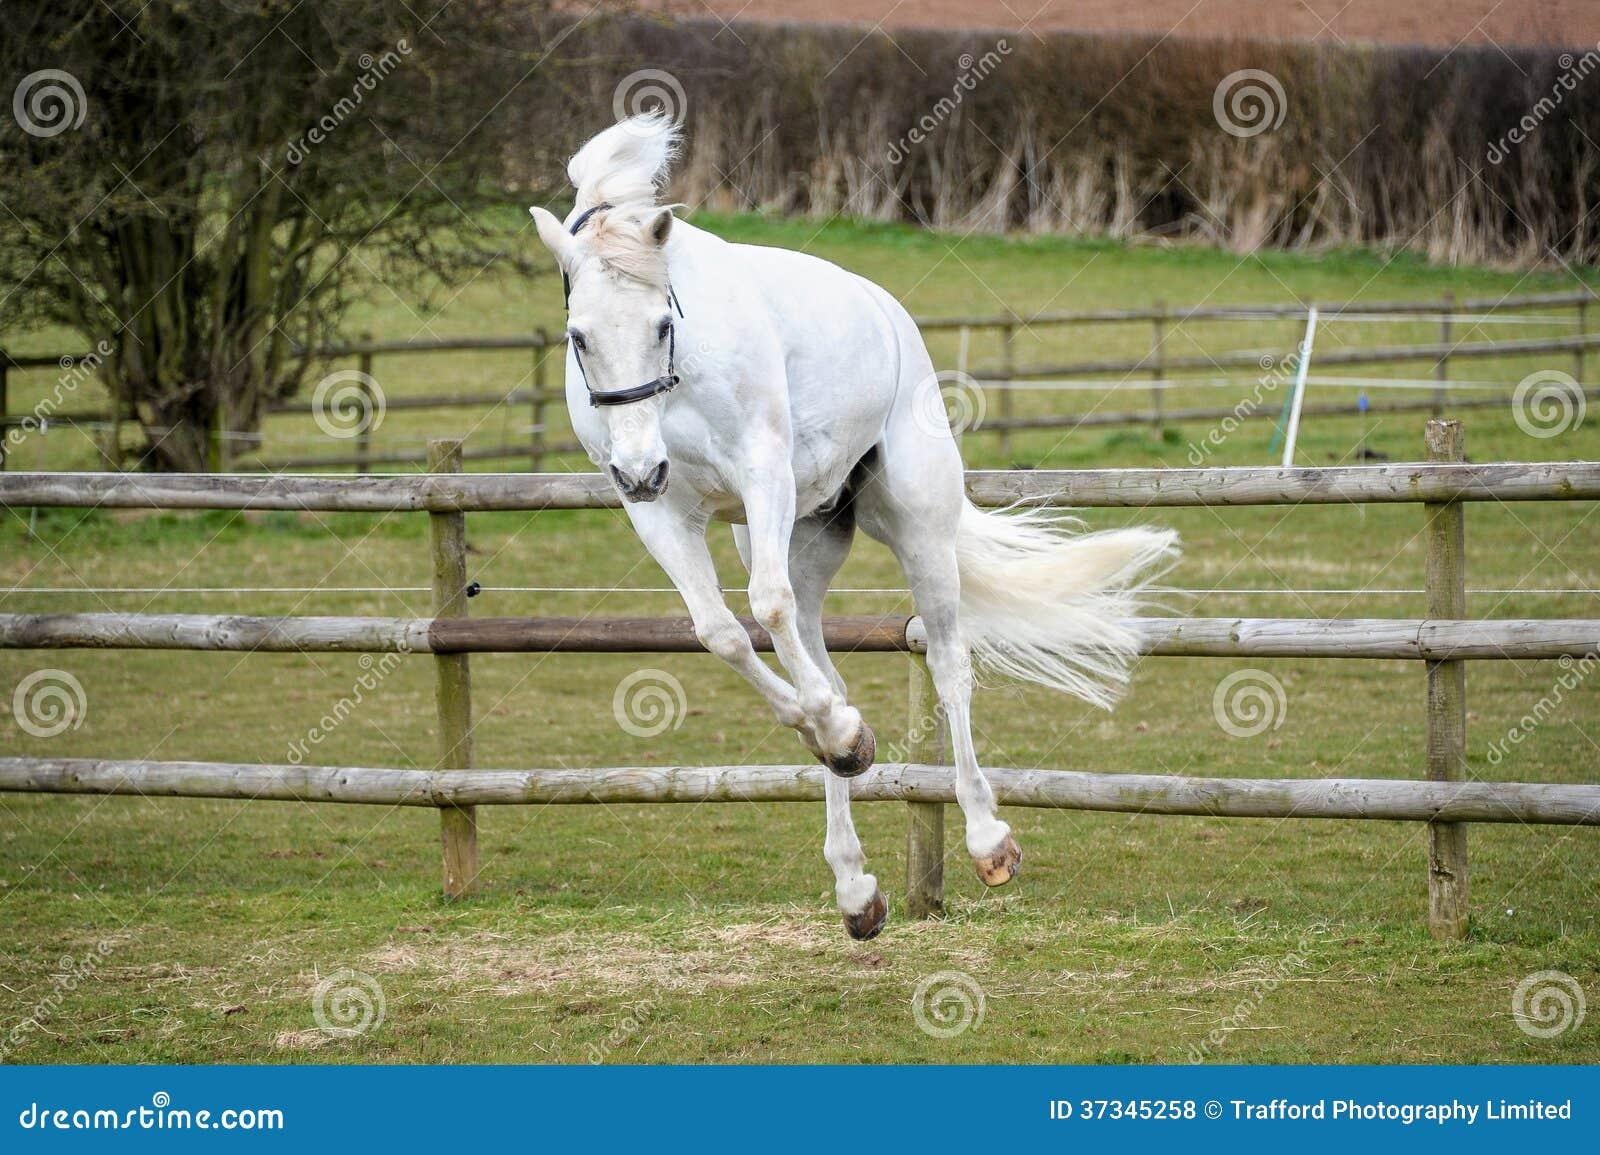 Grey Horse bucking in field